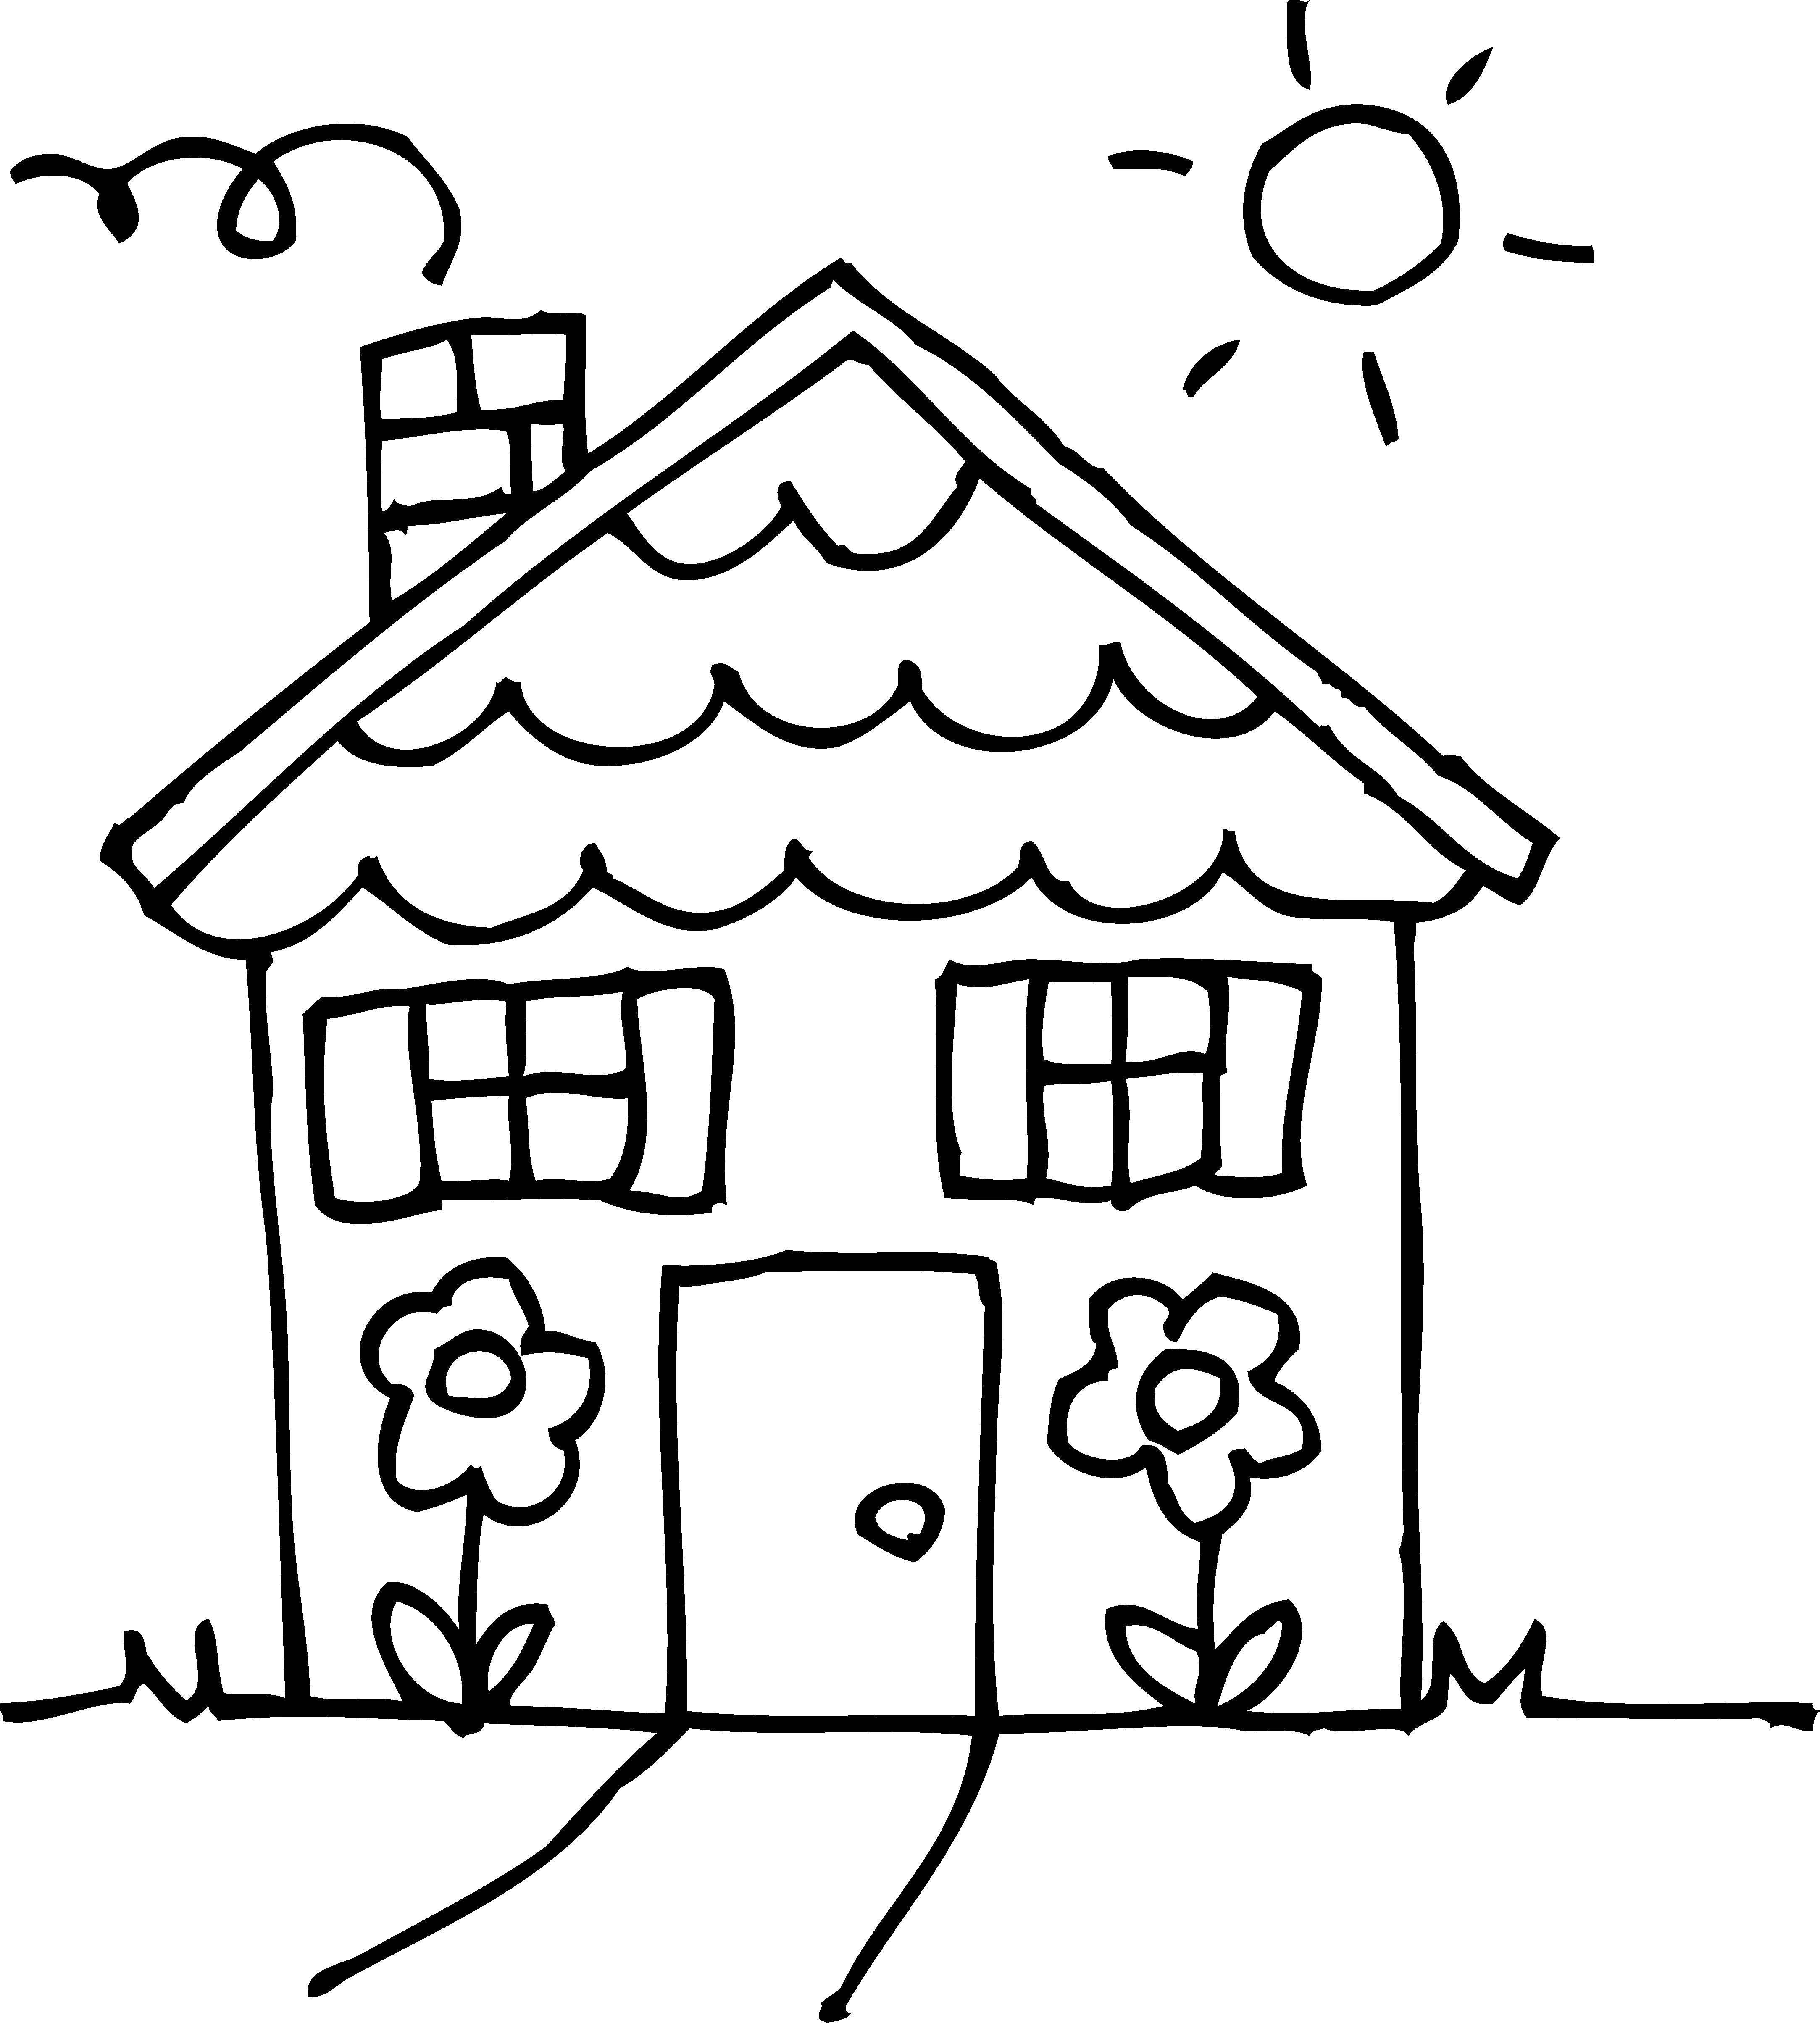 композиции картинки рисунки дома черно белые личности это особое